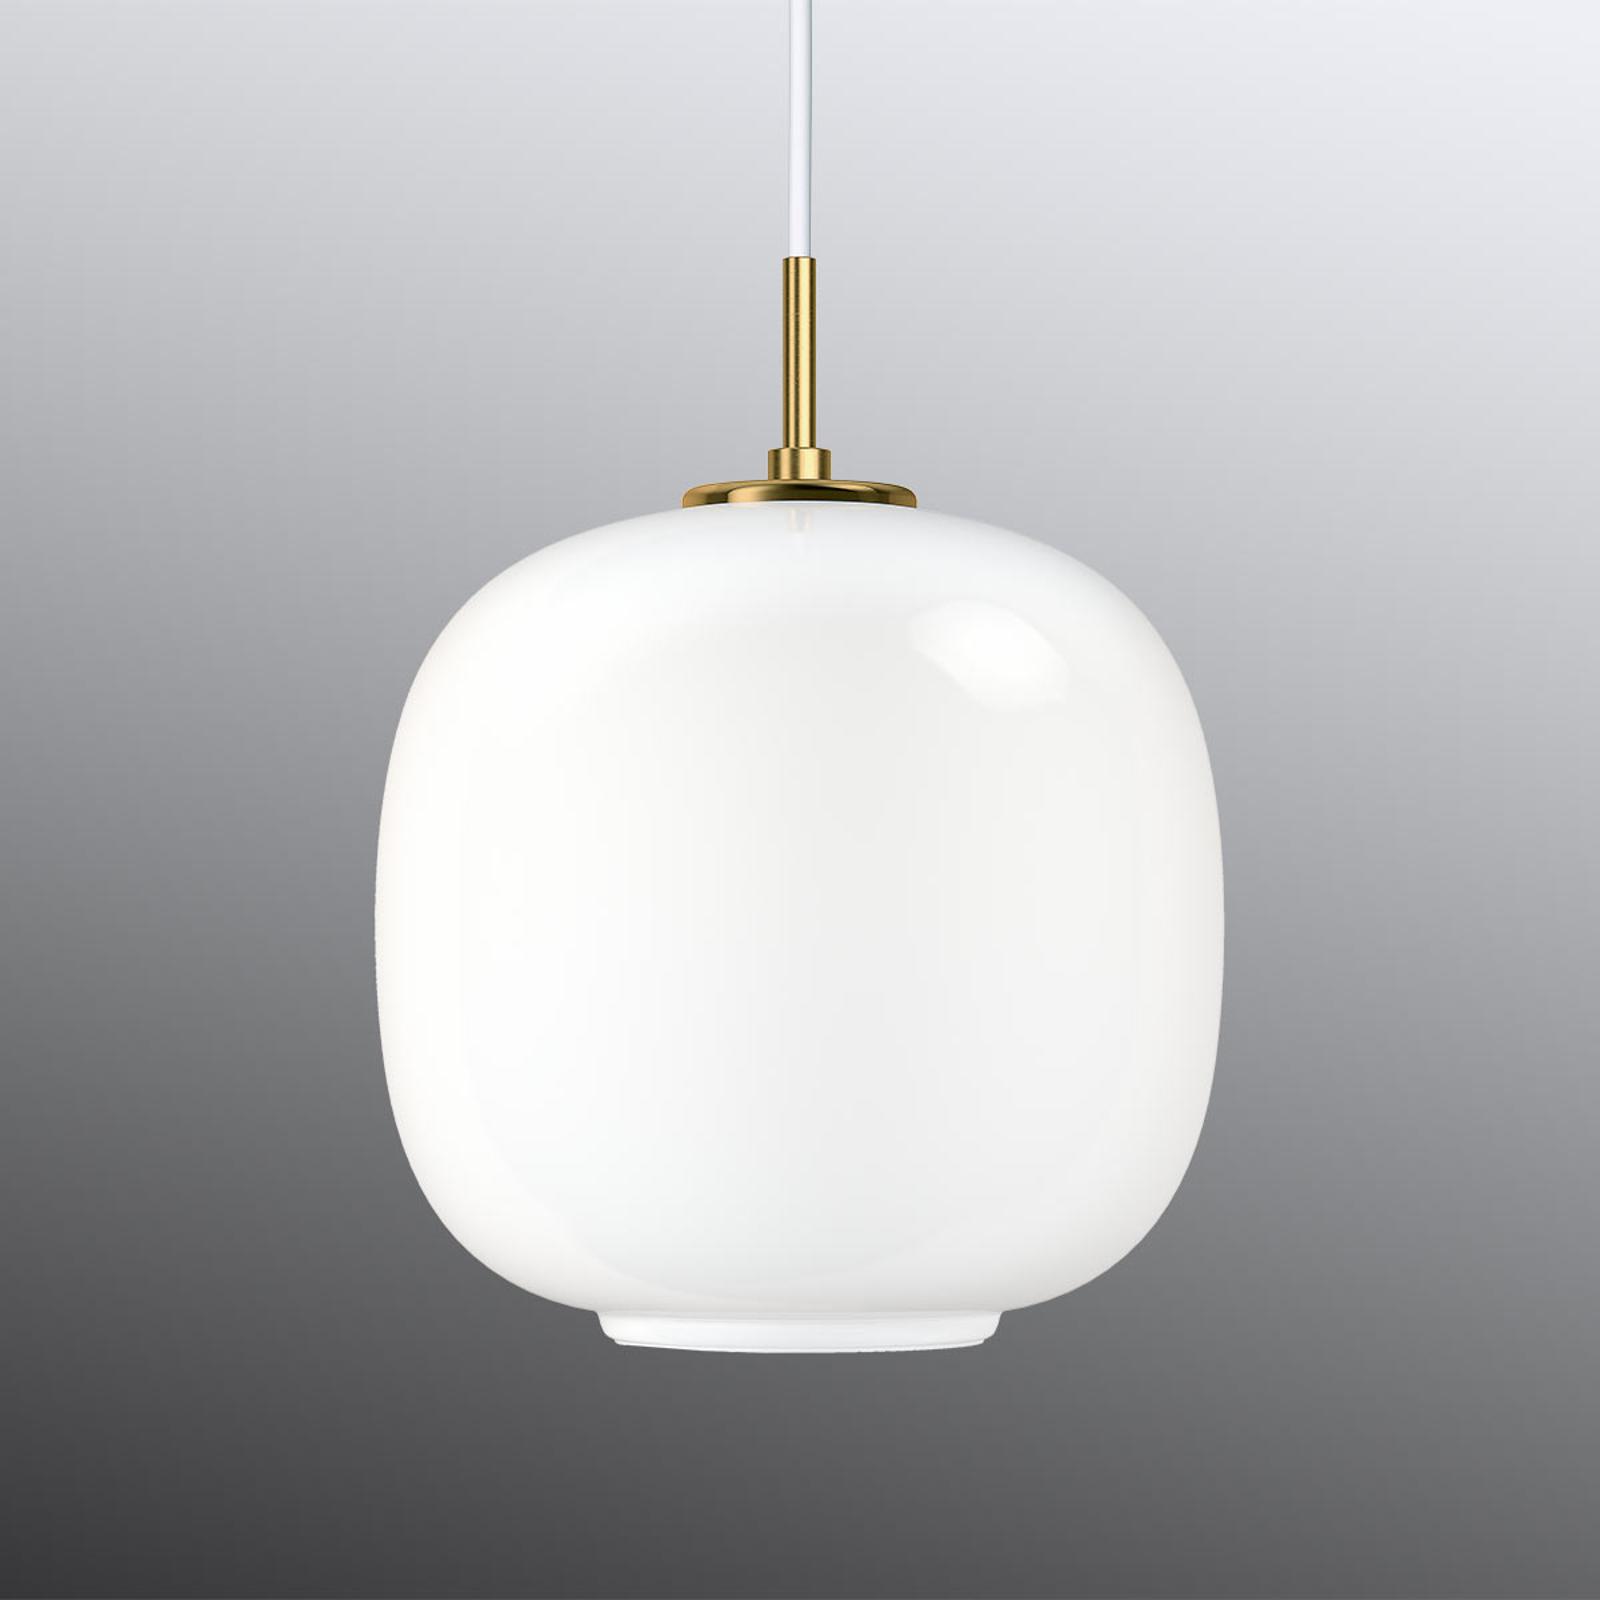 Witte glazen hanglamp VL45 Radiohus 25 cm